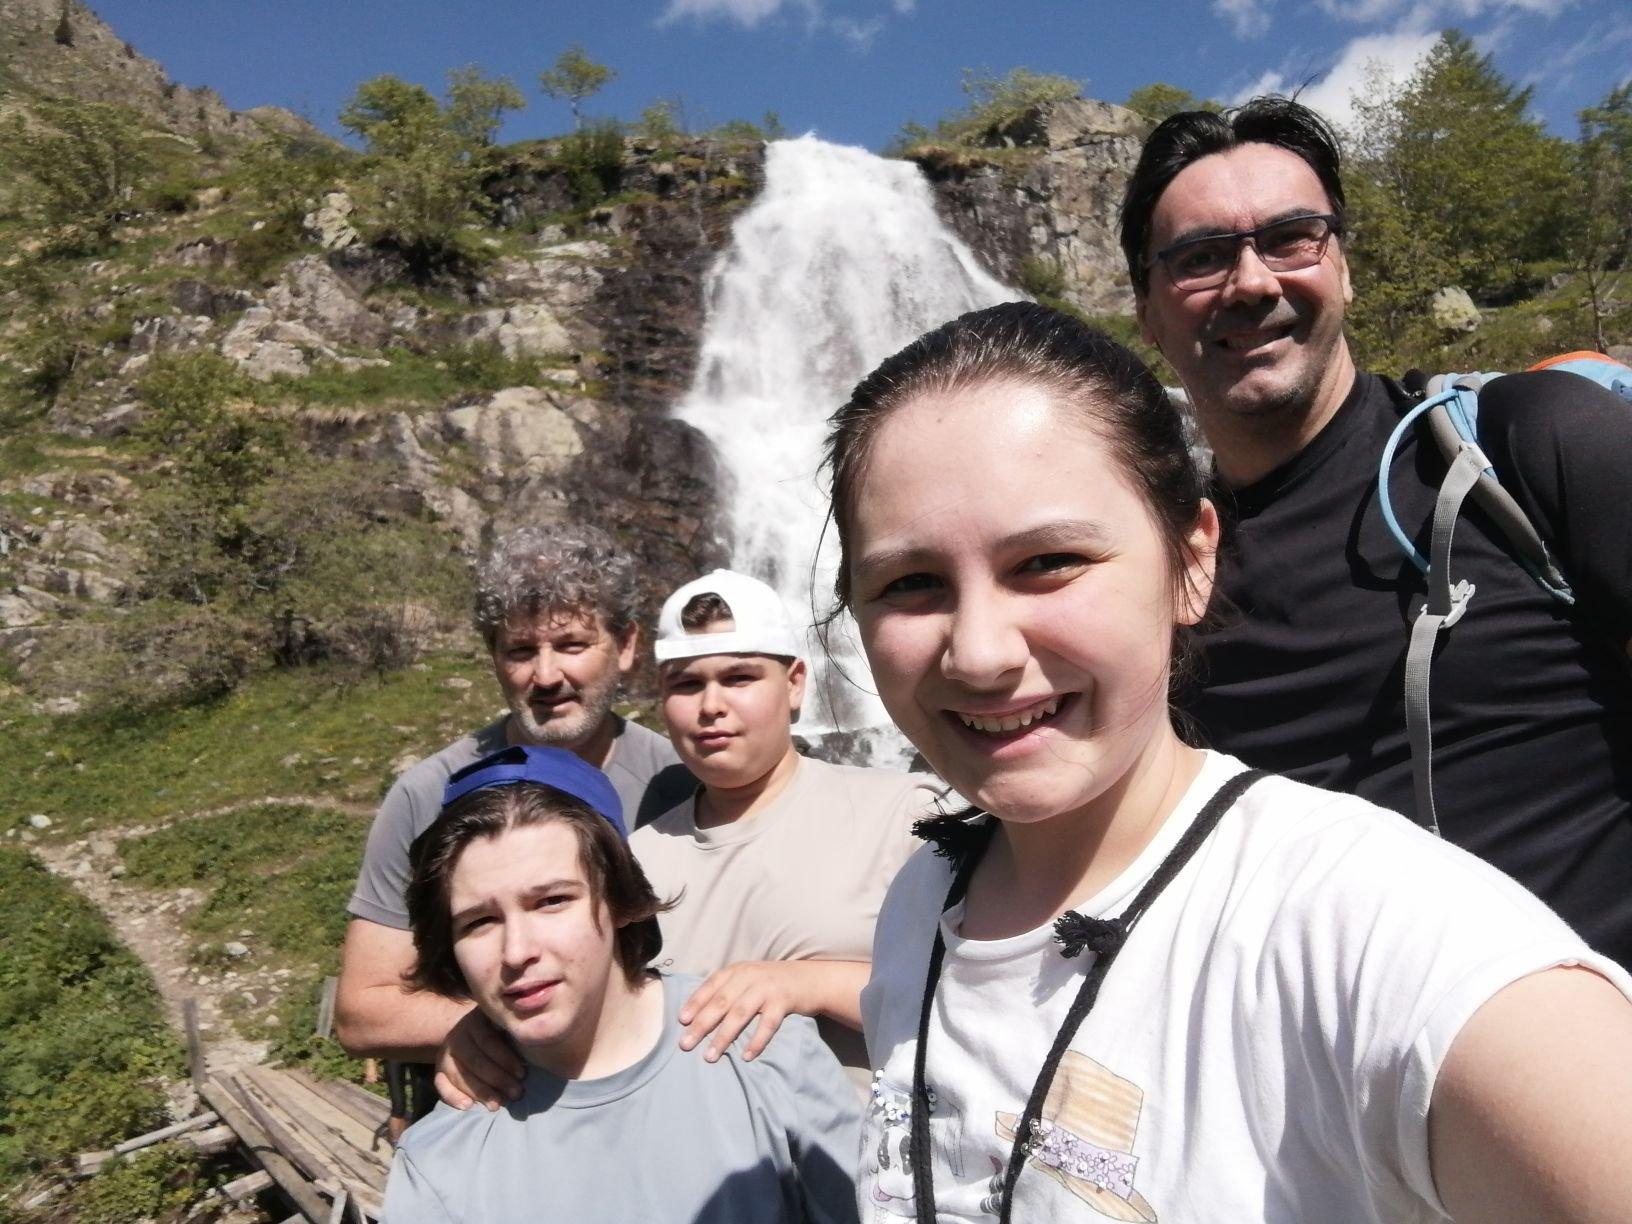 Selfie di gruppo col cascatone